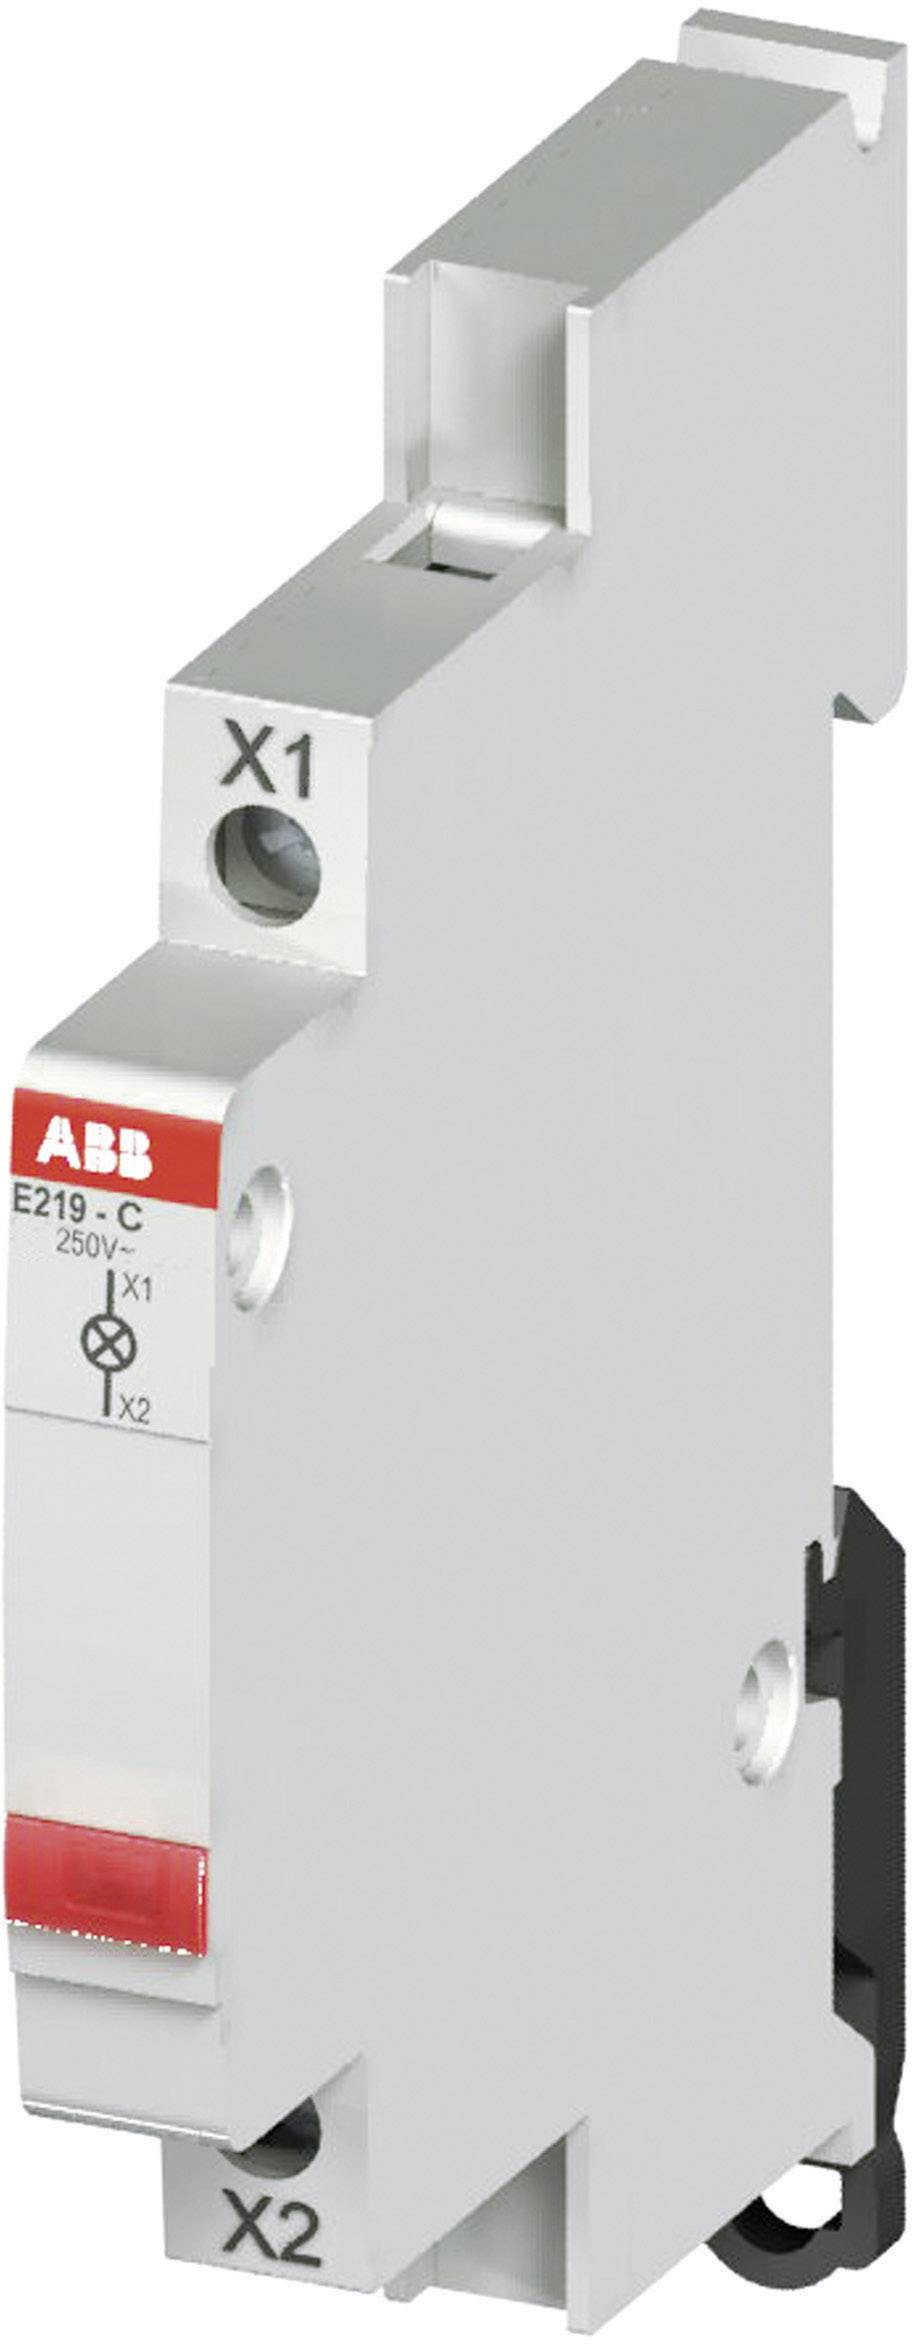 Kontrolka ABB na DIN lištu, 115/250 V, biela LED, 2CCA703400R0001